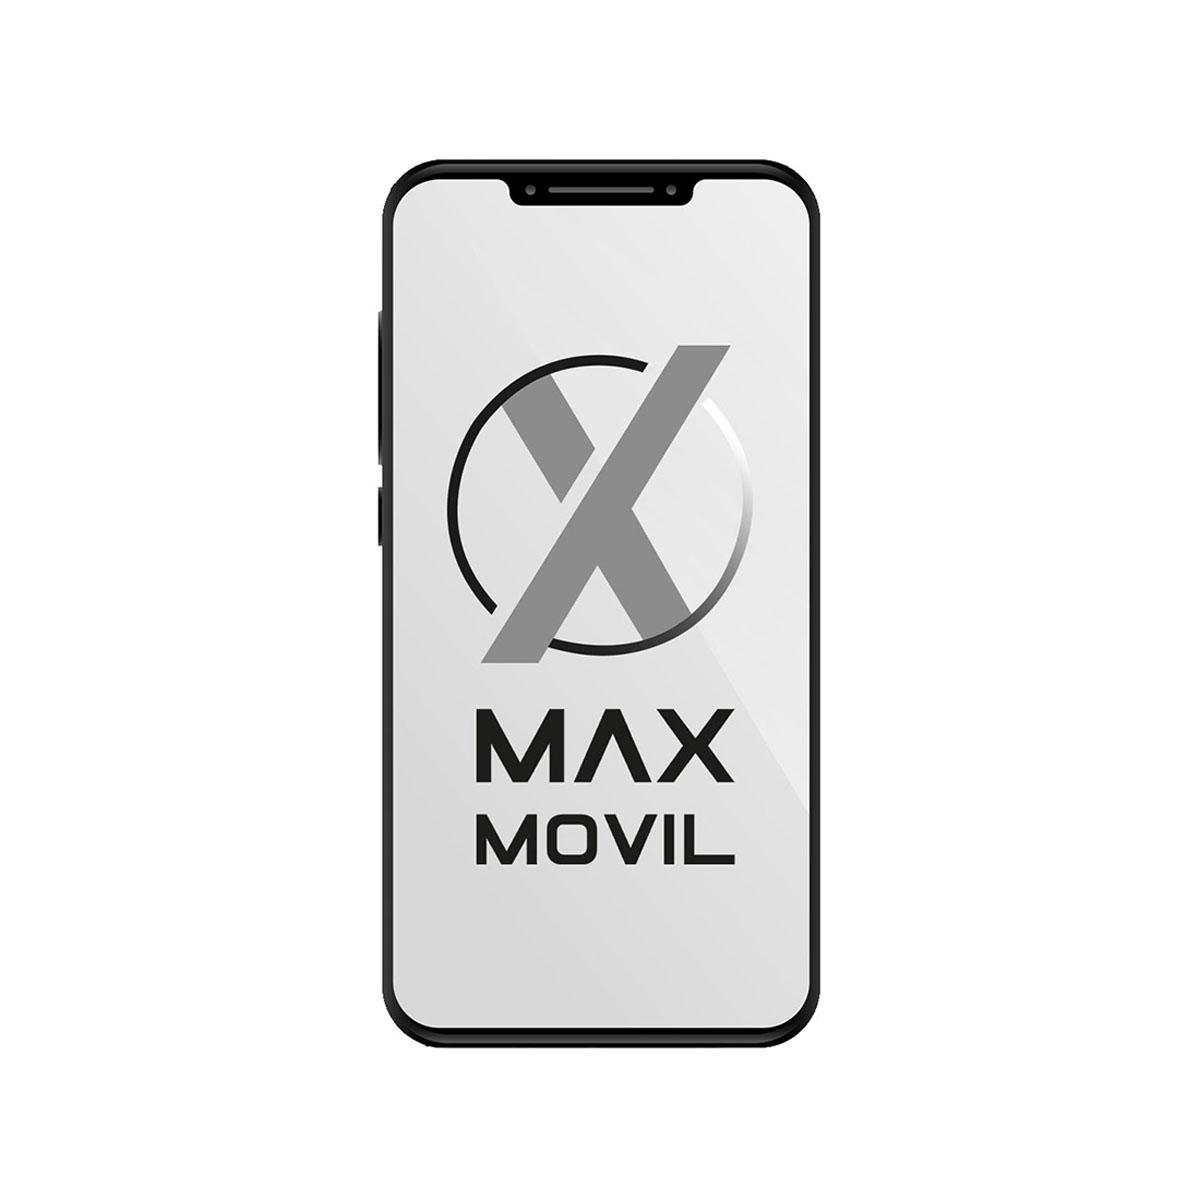 Carcasa TPU protectora gris para Nexus 5